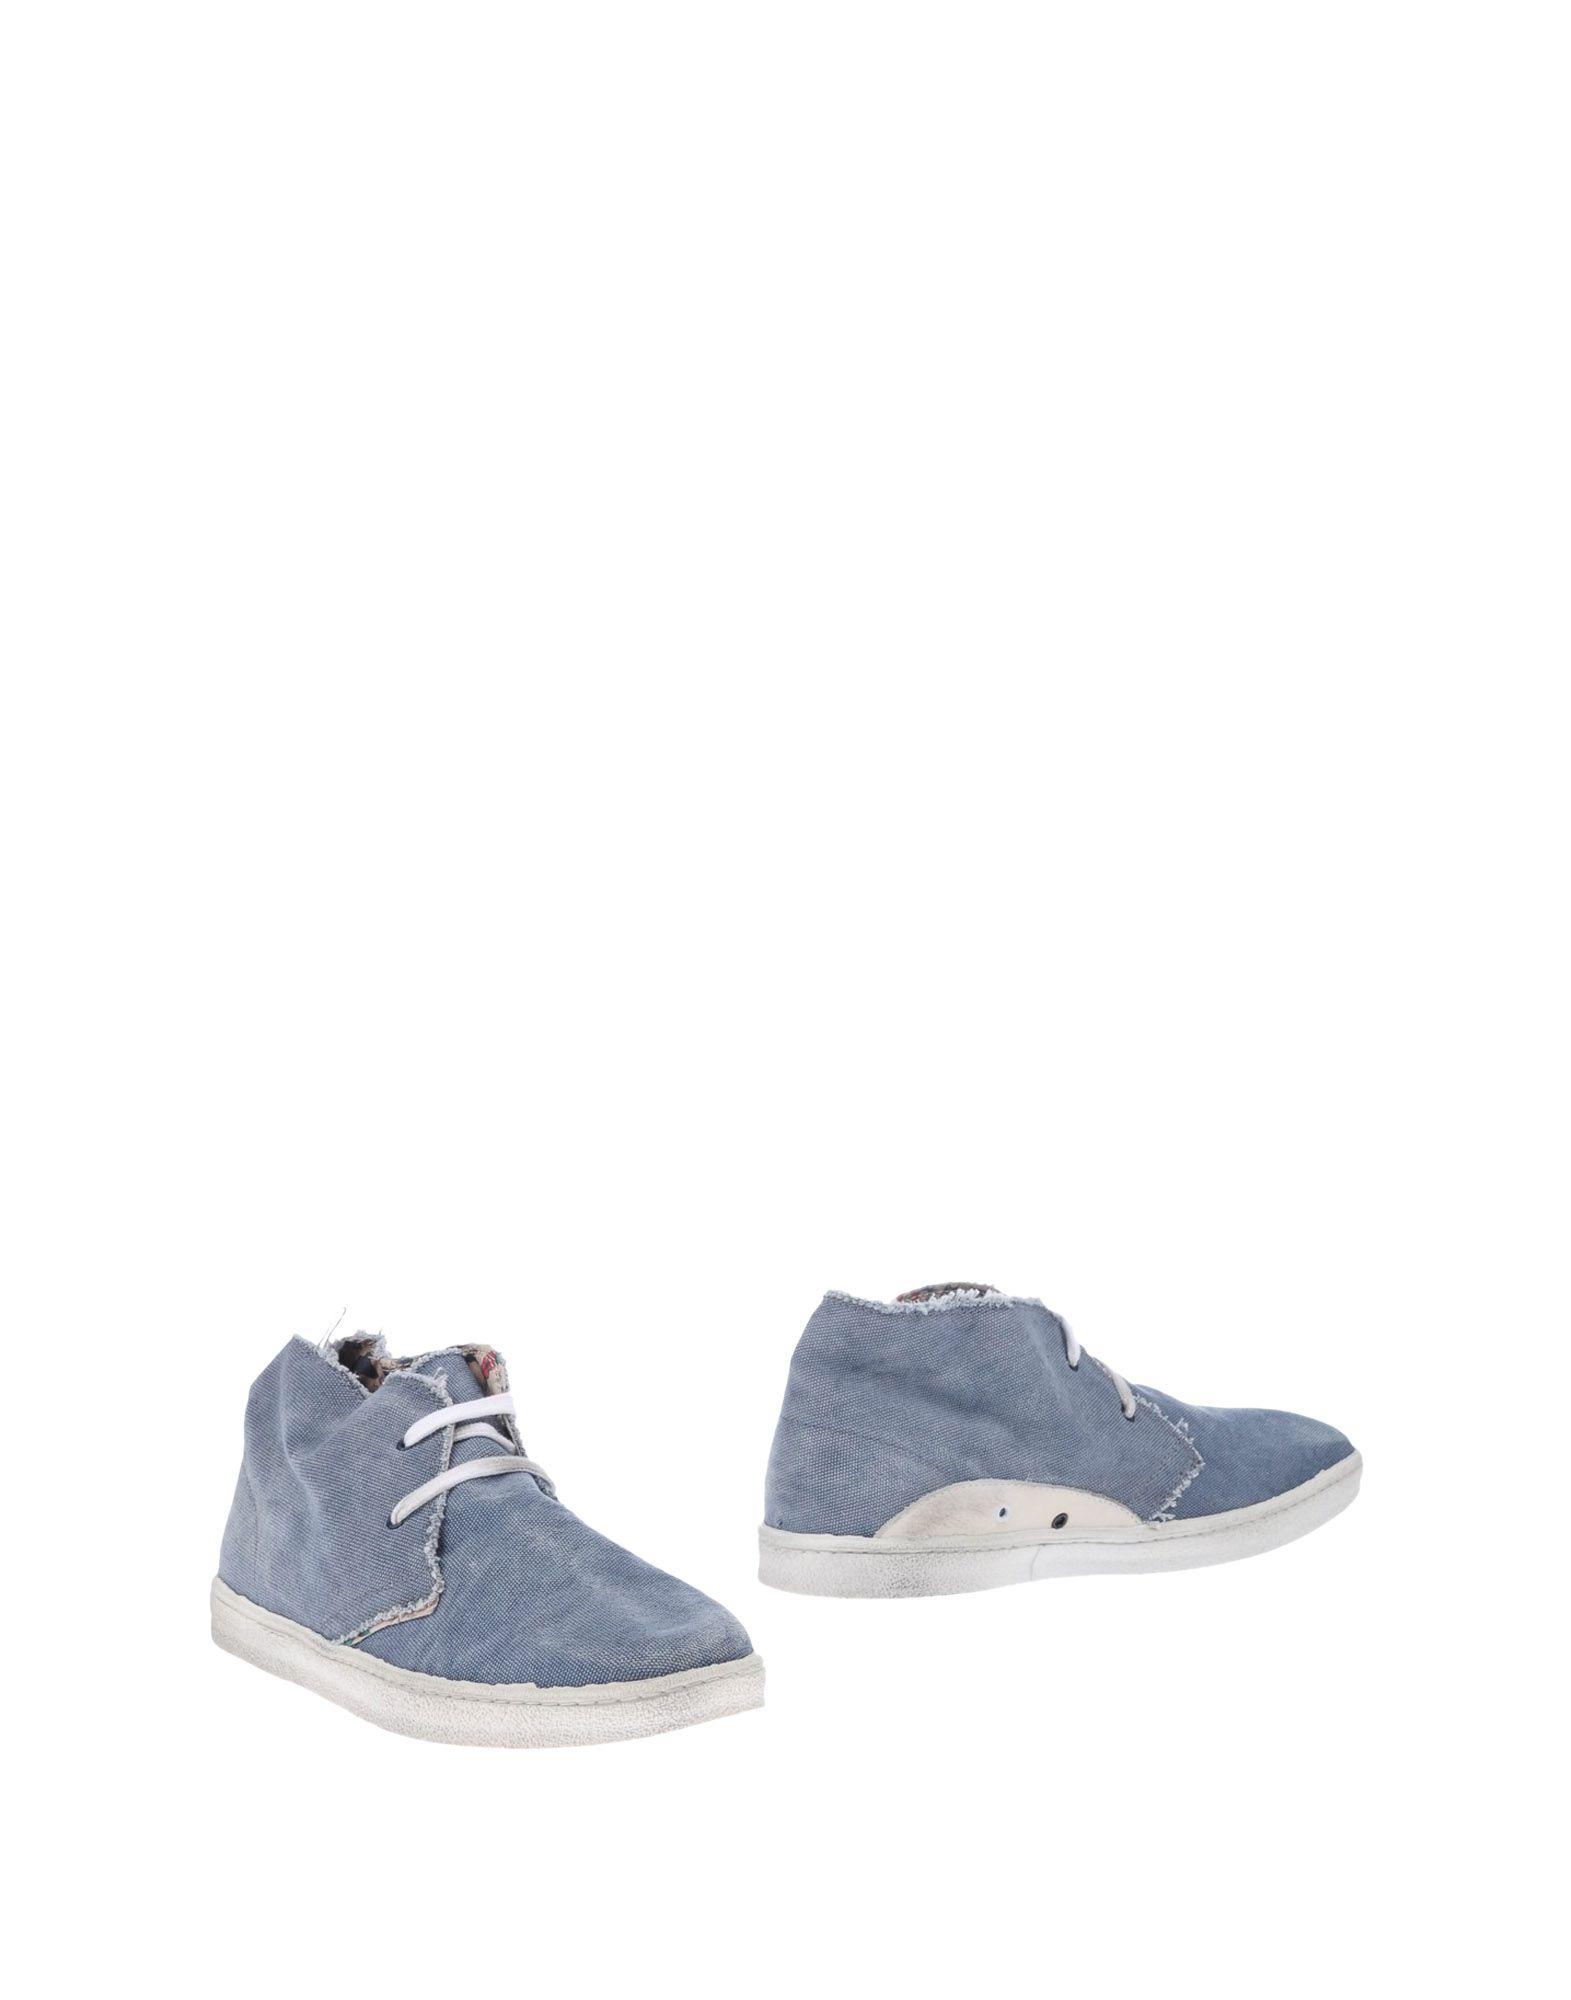 LE CROWN Полусапоги и высокие ботинки цены онлайн